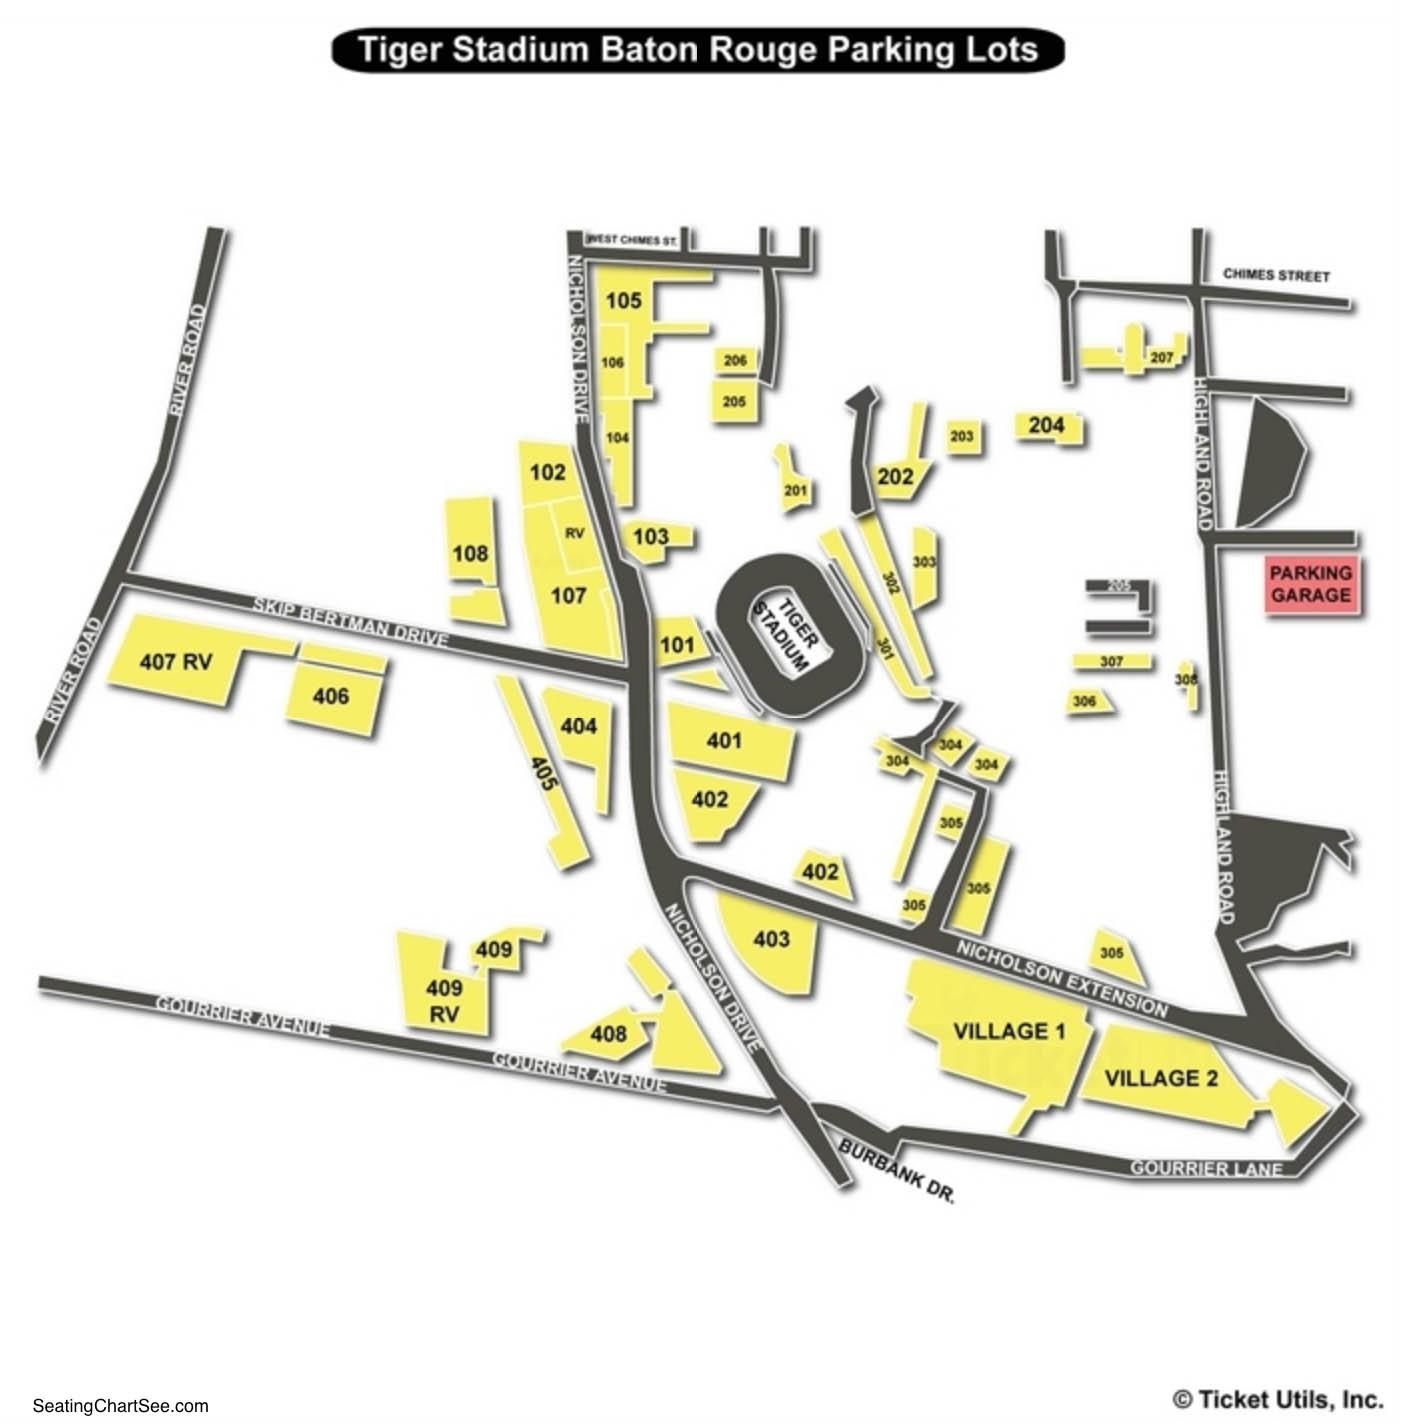 Tiger Stadium Baton Rouge Parking Lots